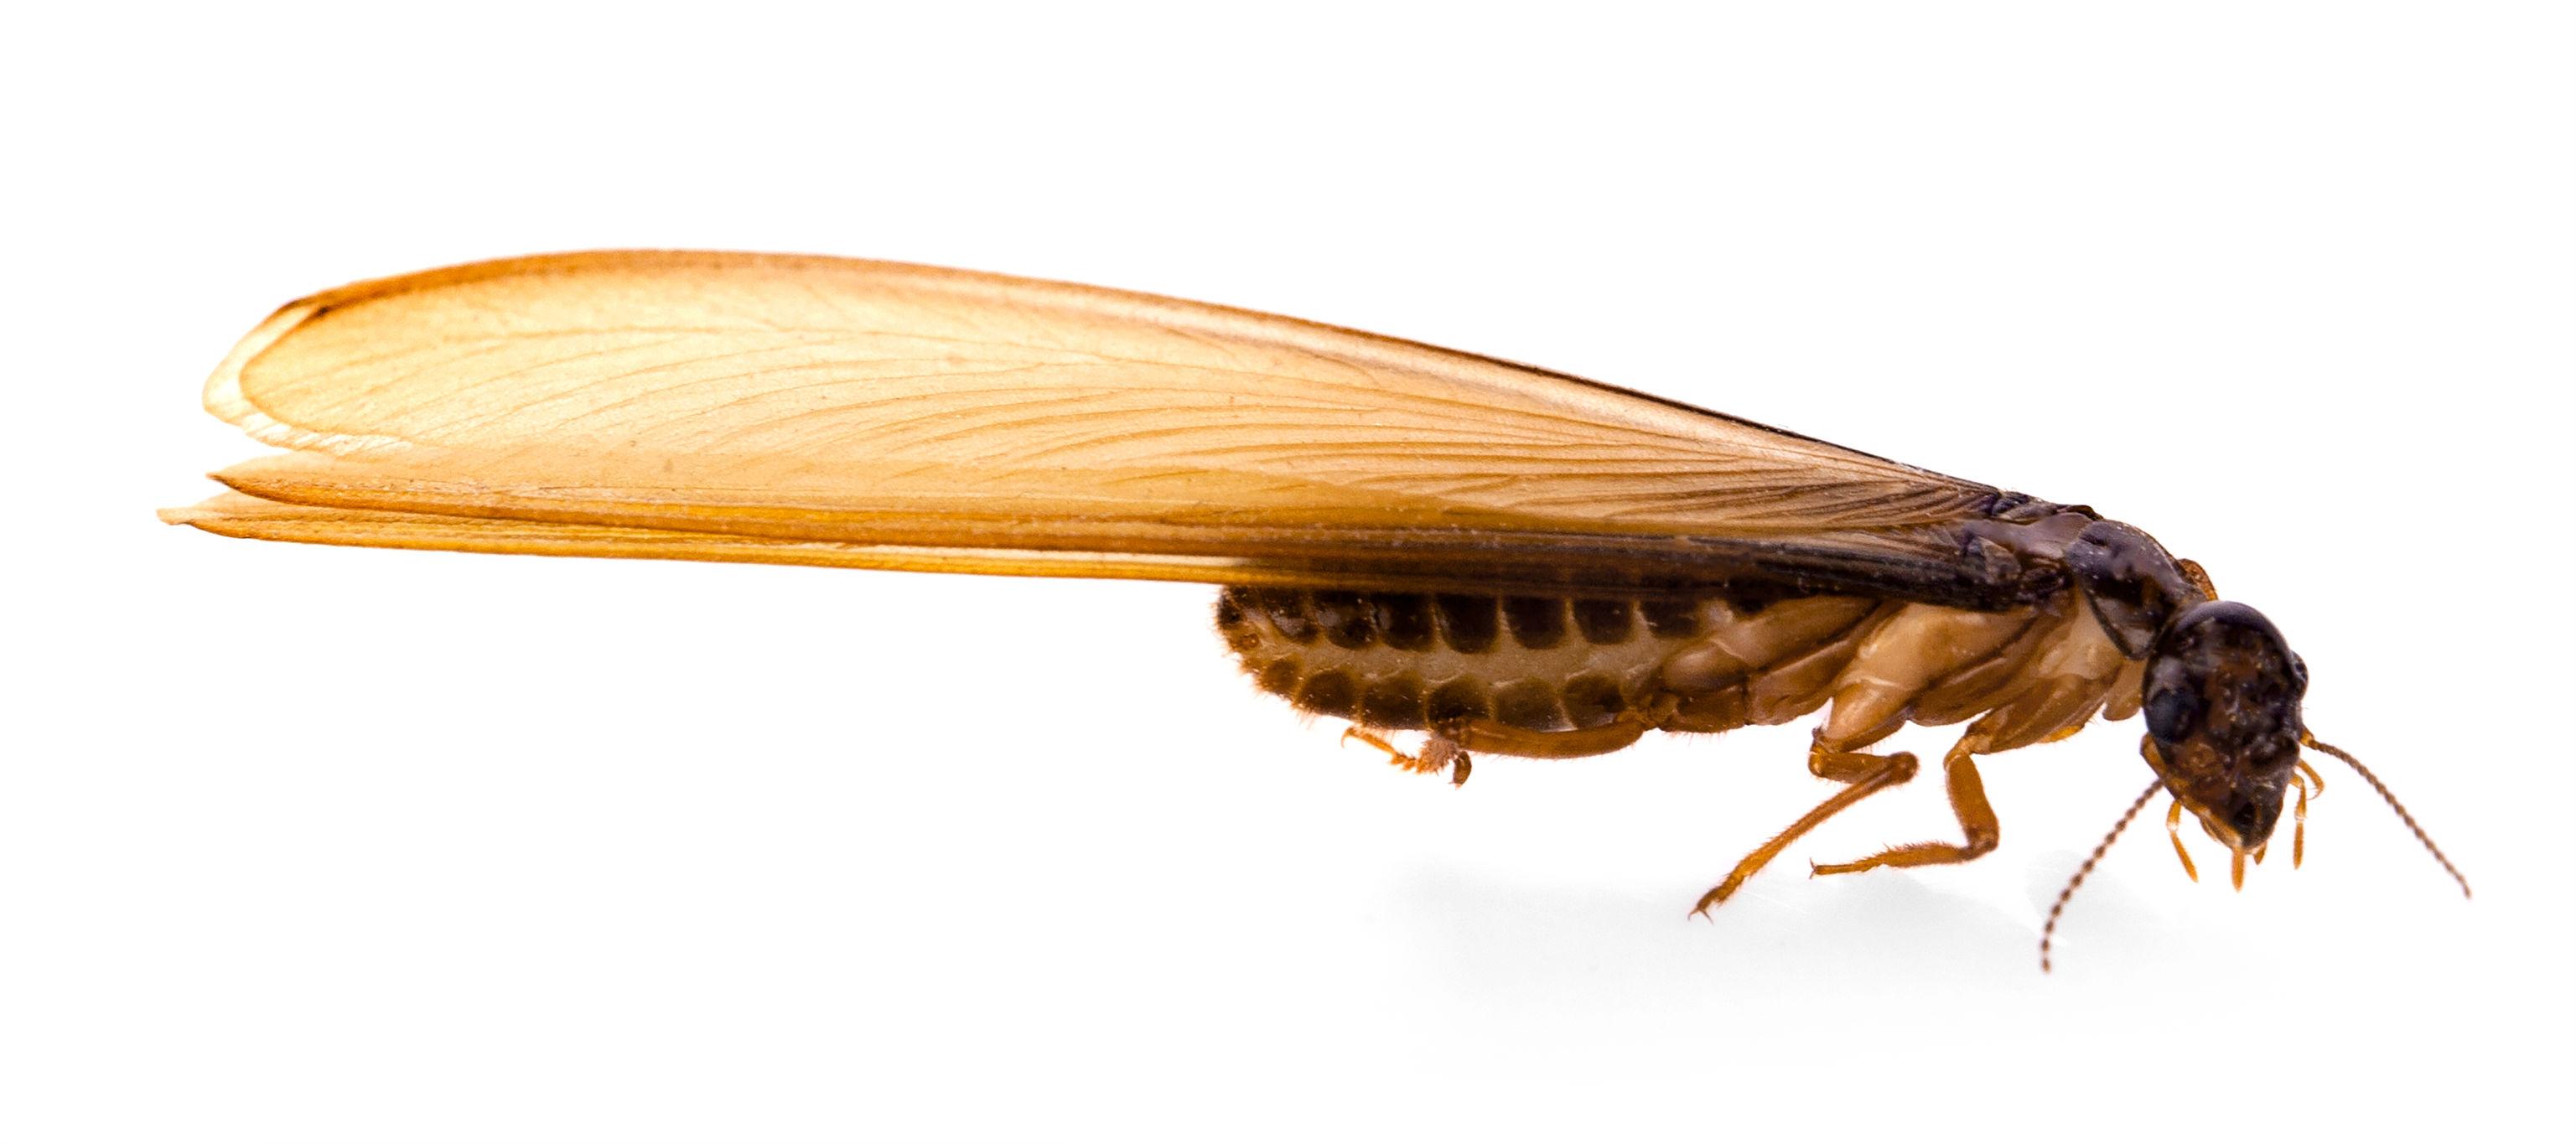 白蚁和飞蚁有什么区别?